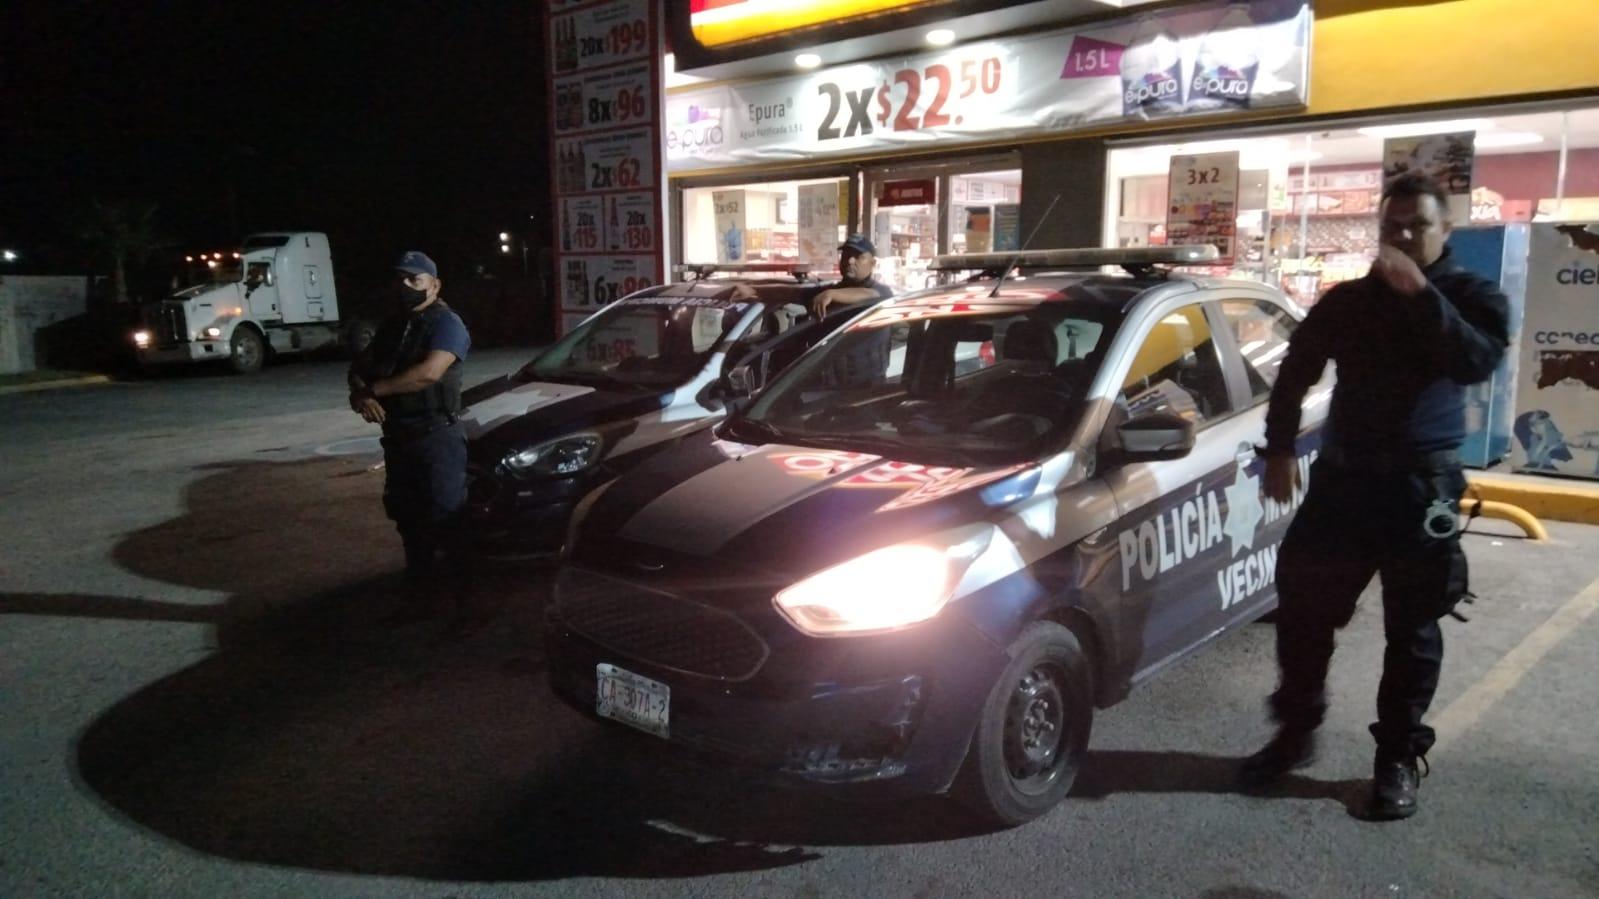 Desconocidos lapidan negocio y roban en Monclova